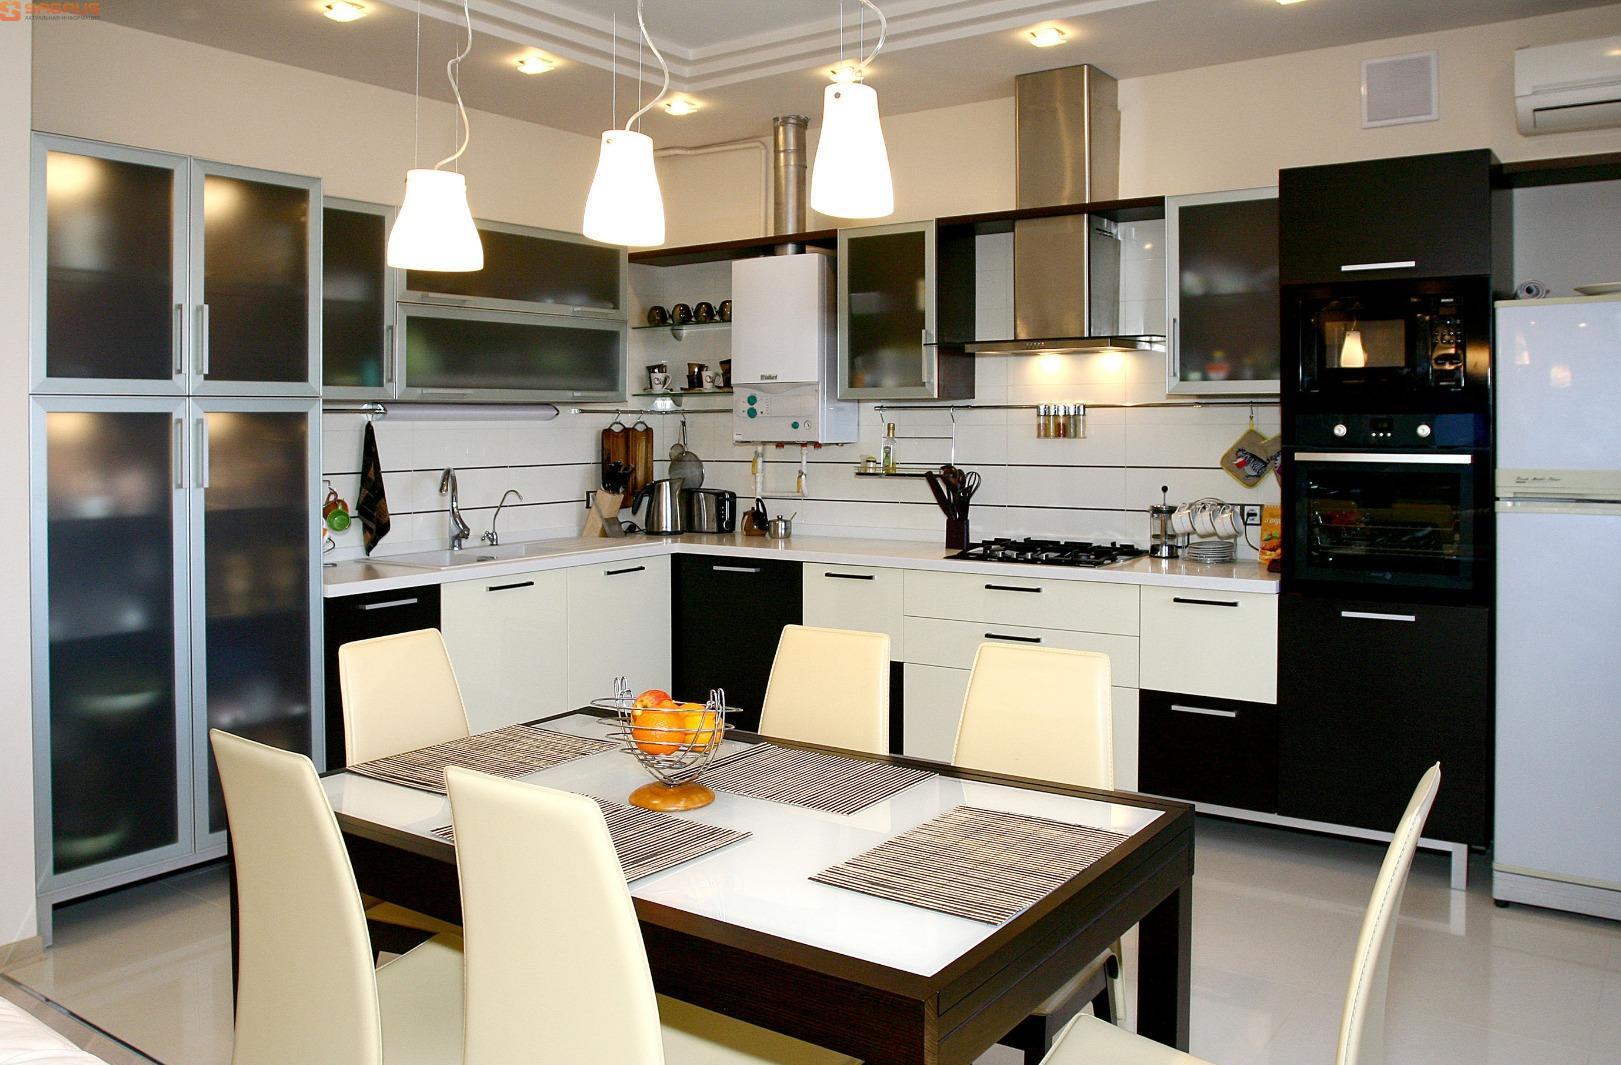 Правильное освещение кухни с обеденным столом